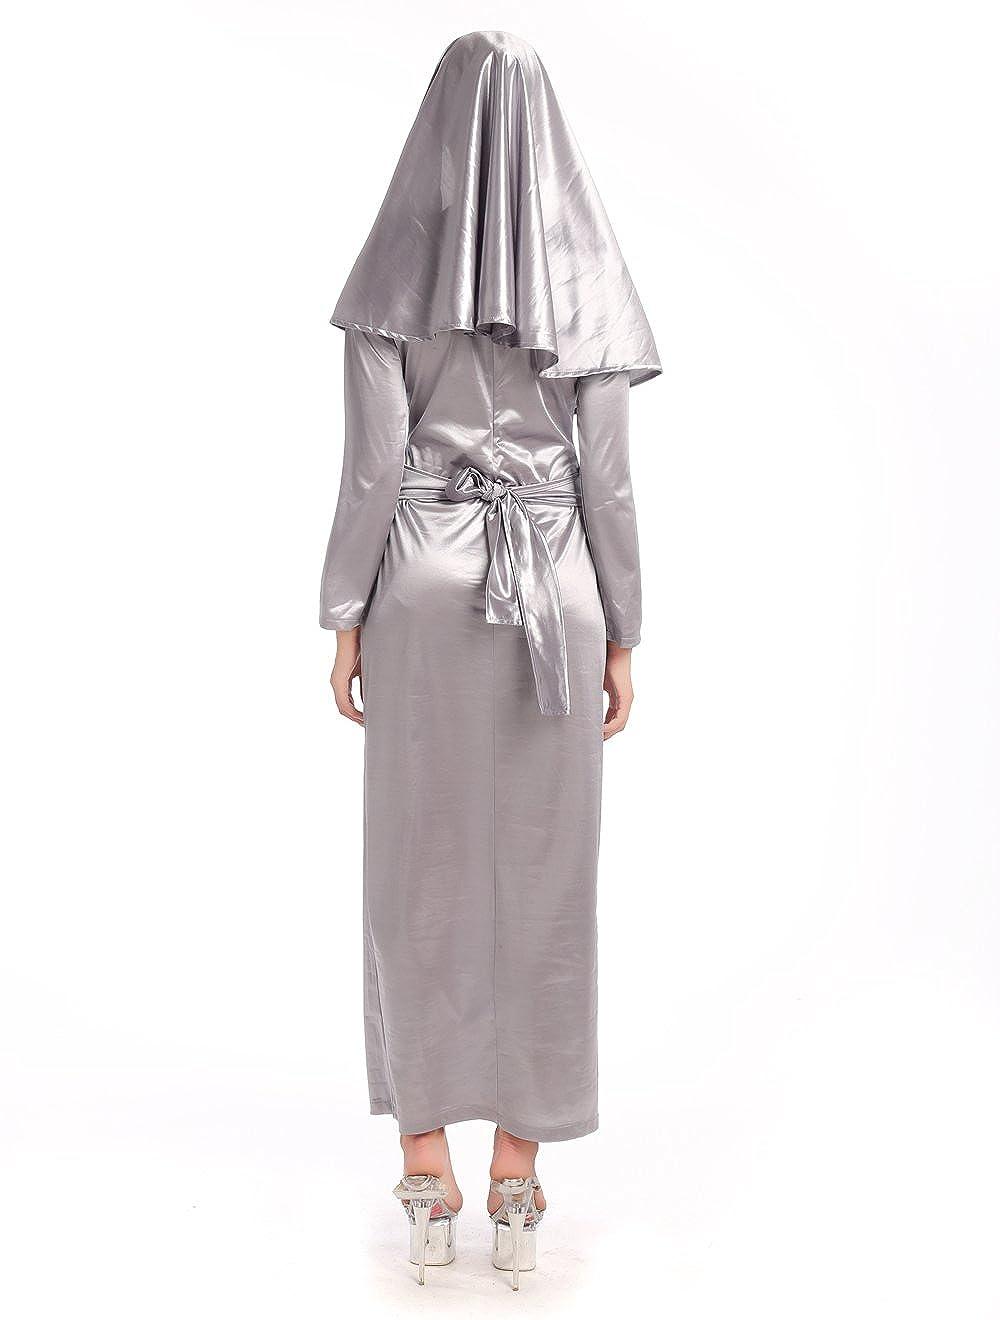 Amazon.com: Nun – Disfraz para Halloween – sexy zombie Nun ...